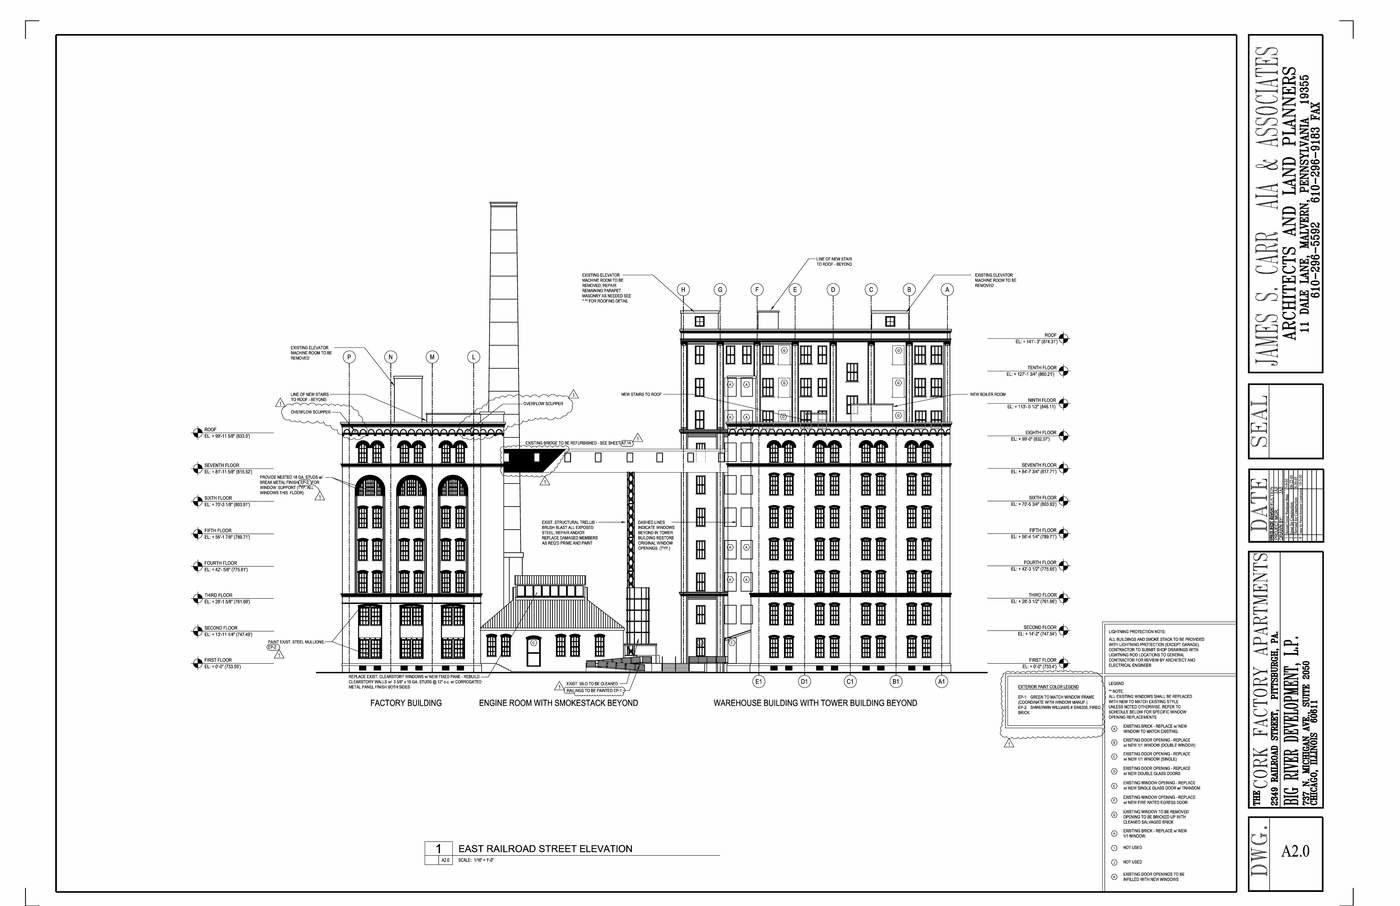 Warehouse Floor Plans With Elevations Floor Plan